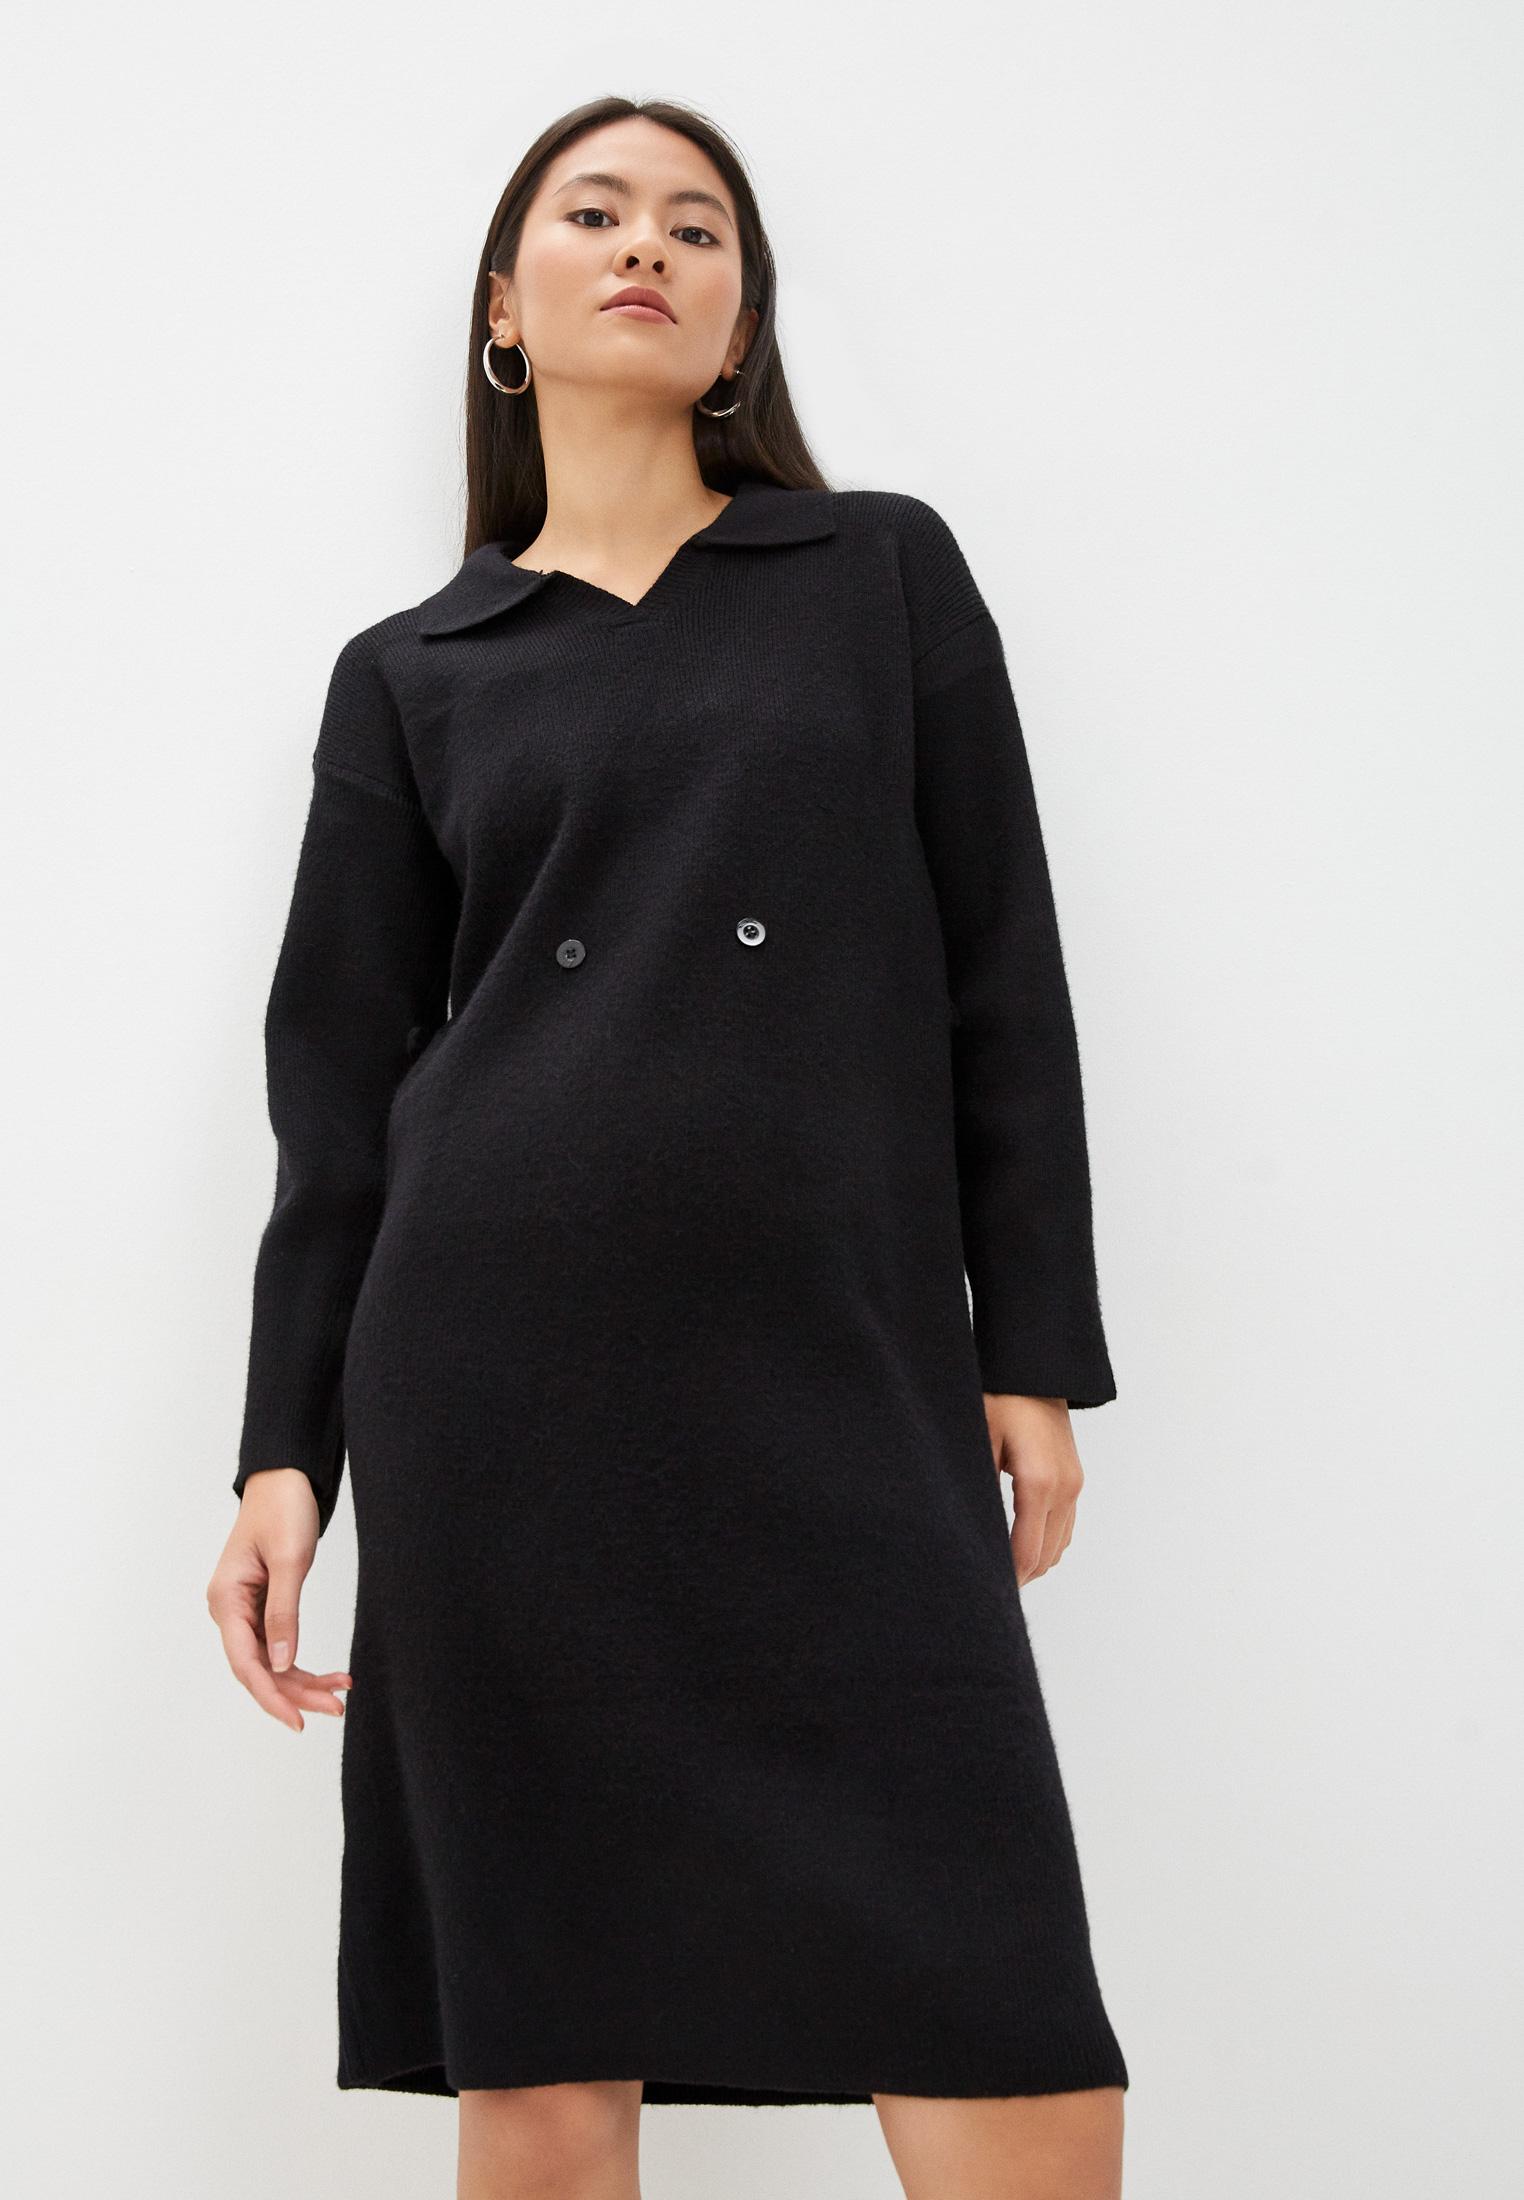 Вязаное платье Diverius d6105